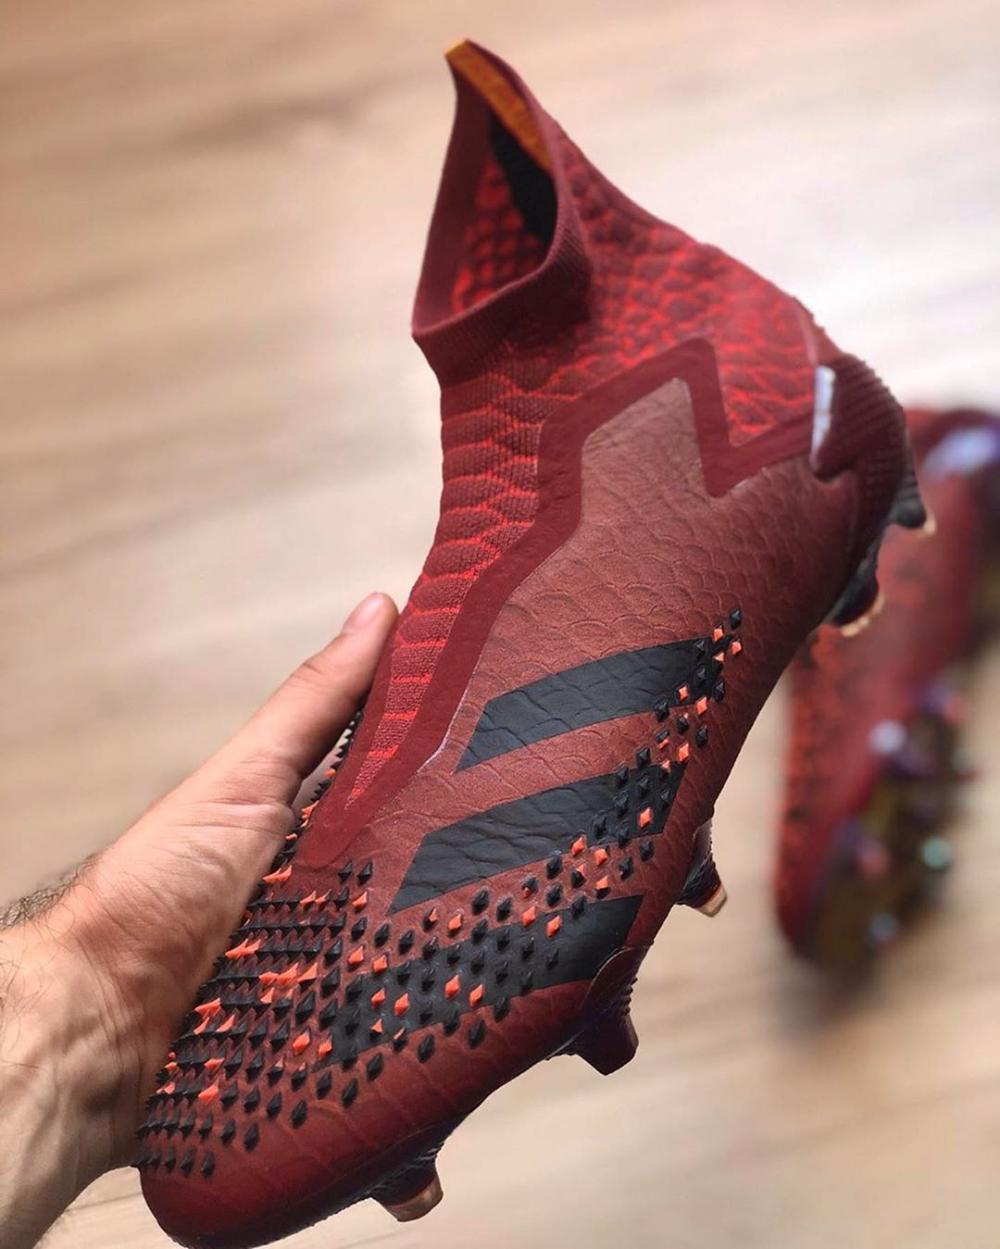 jardín O cualquiera Armonía  500+ ideas de Adidas | zapatos de fútbol, fútbol, botas de futbol